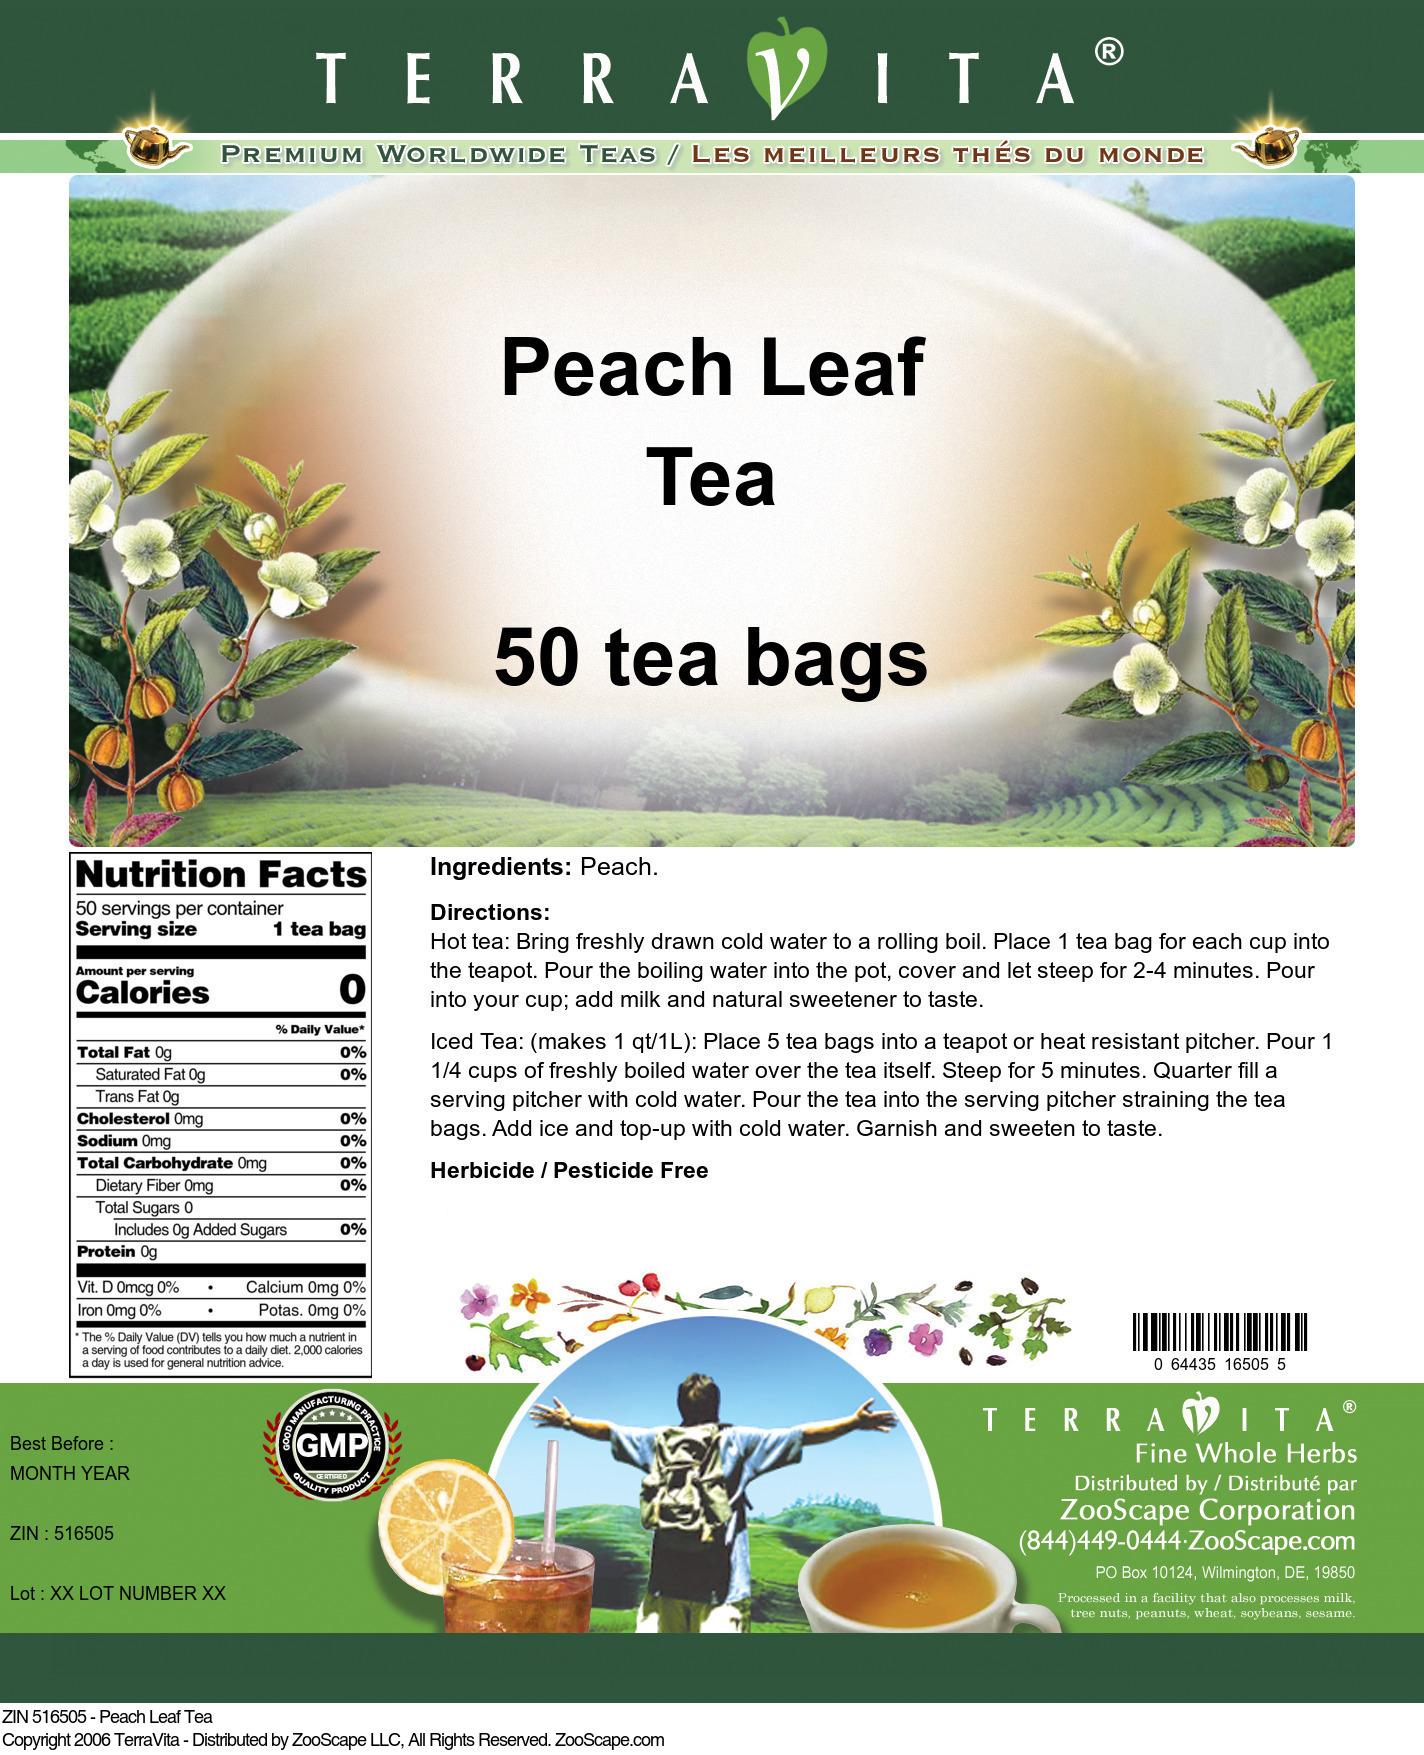 Peach Leaf Tea